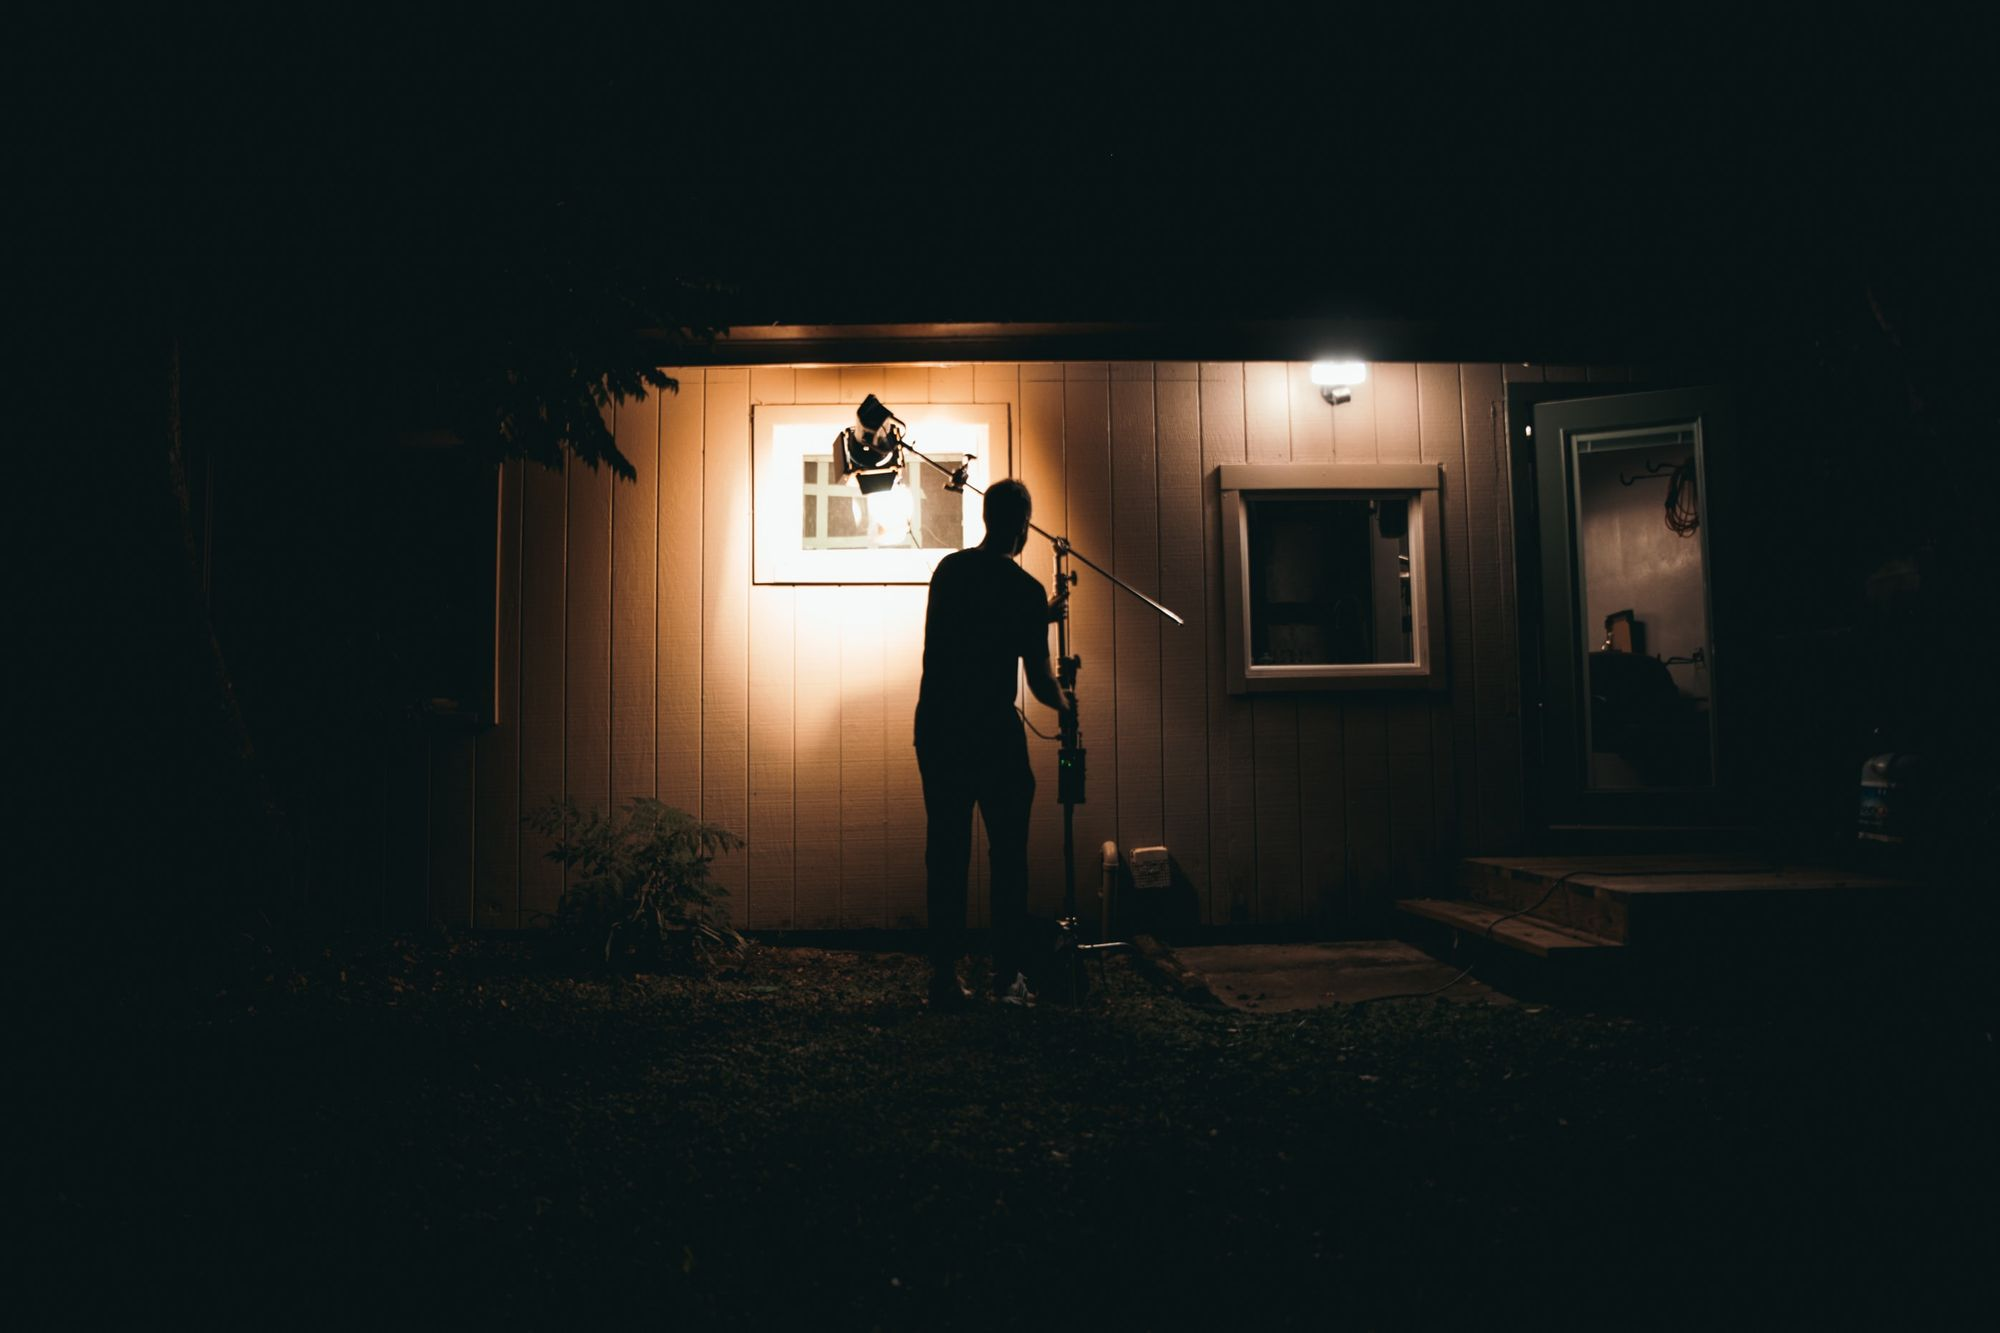 Low key film light